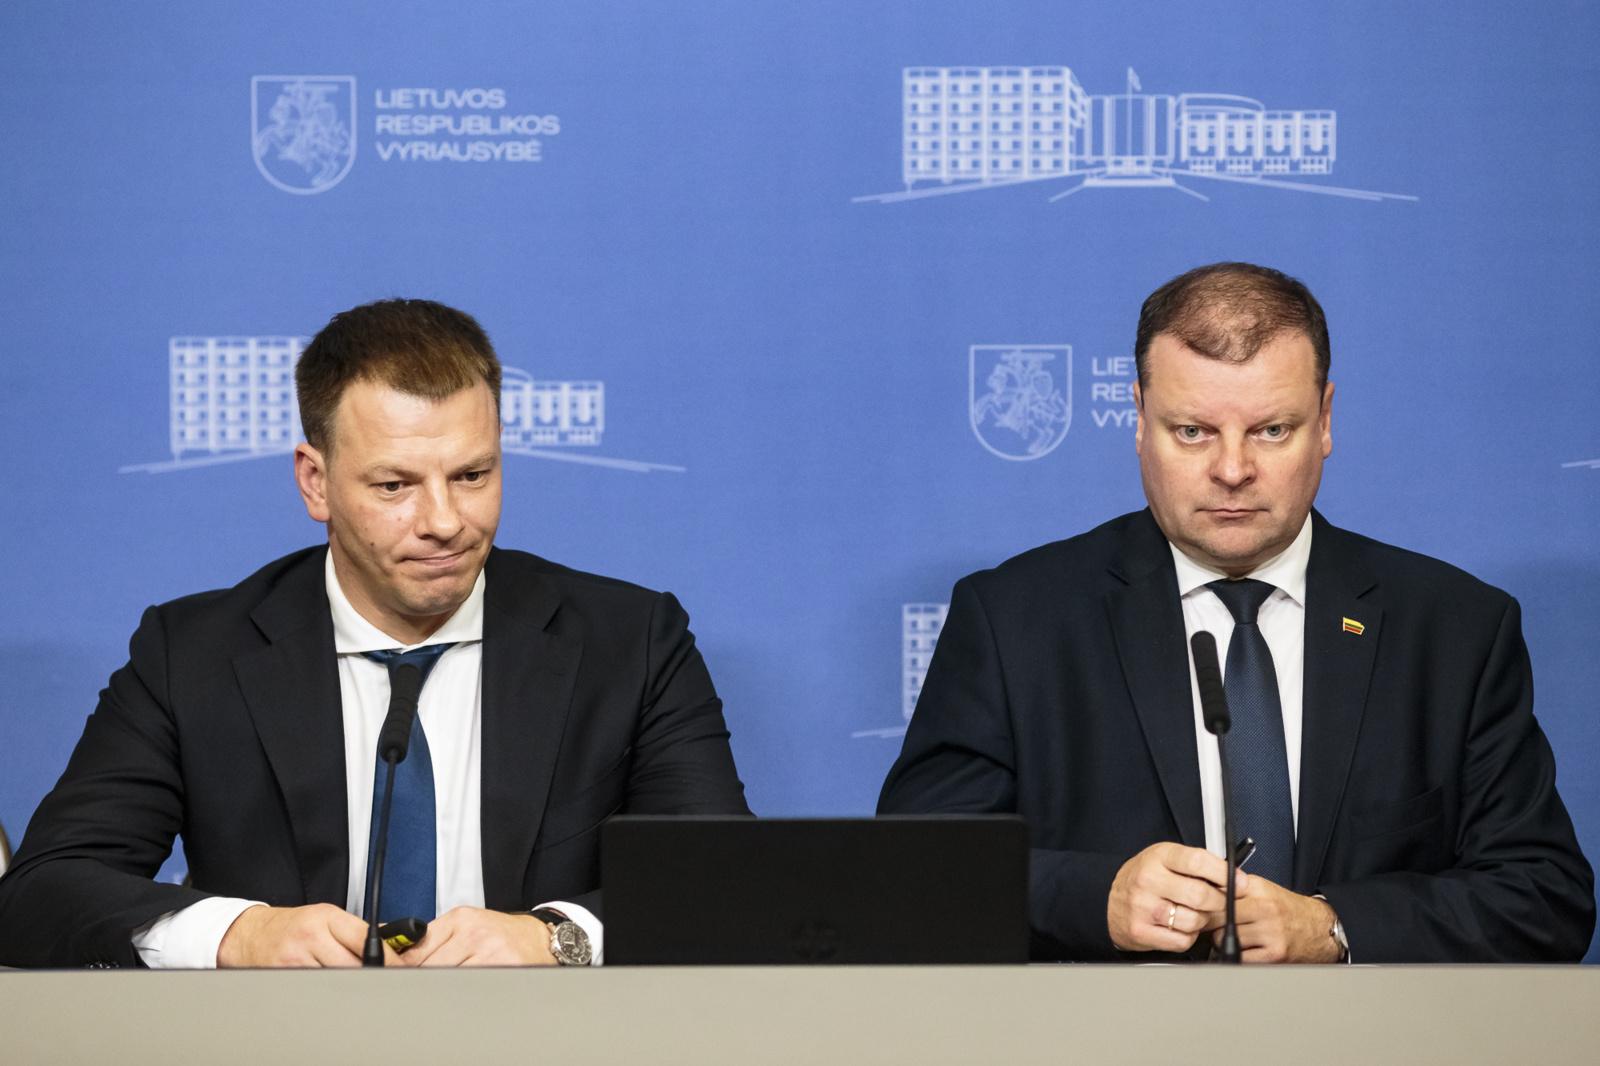 Kitų metų biudžetas perteklinis, ar tai reiškia, kad gyvenimas Lietuvoje gerės?